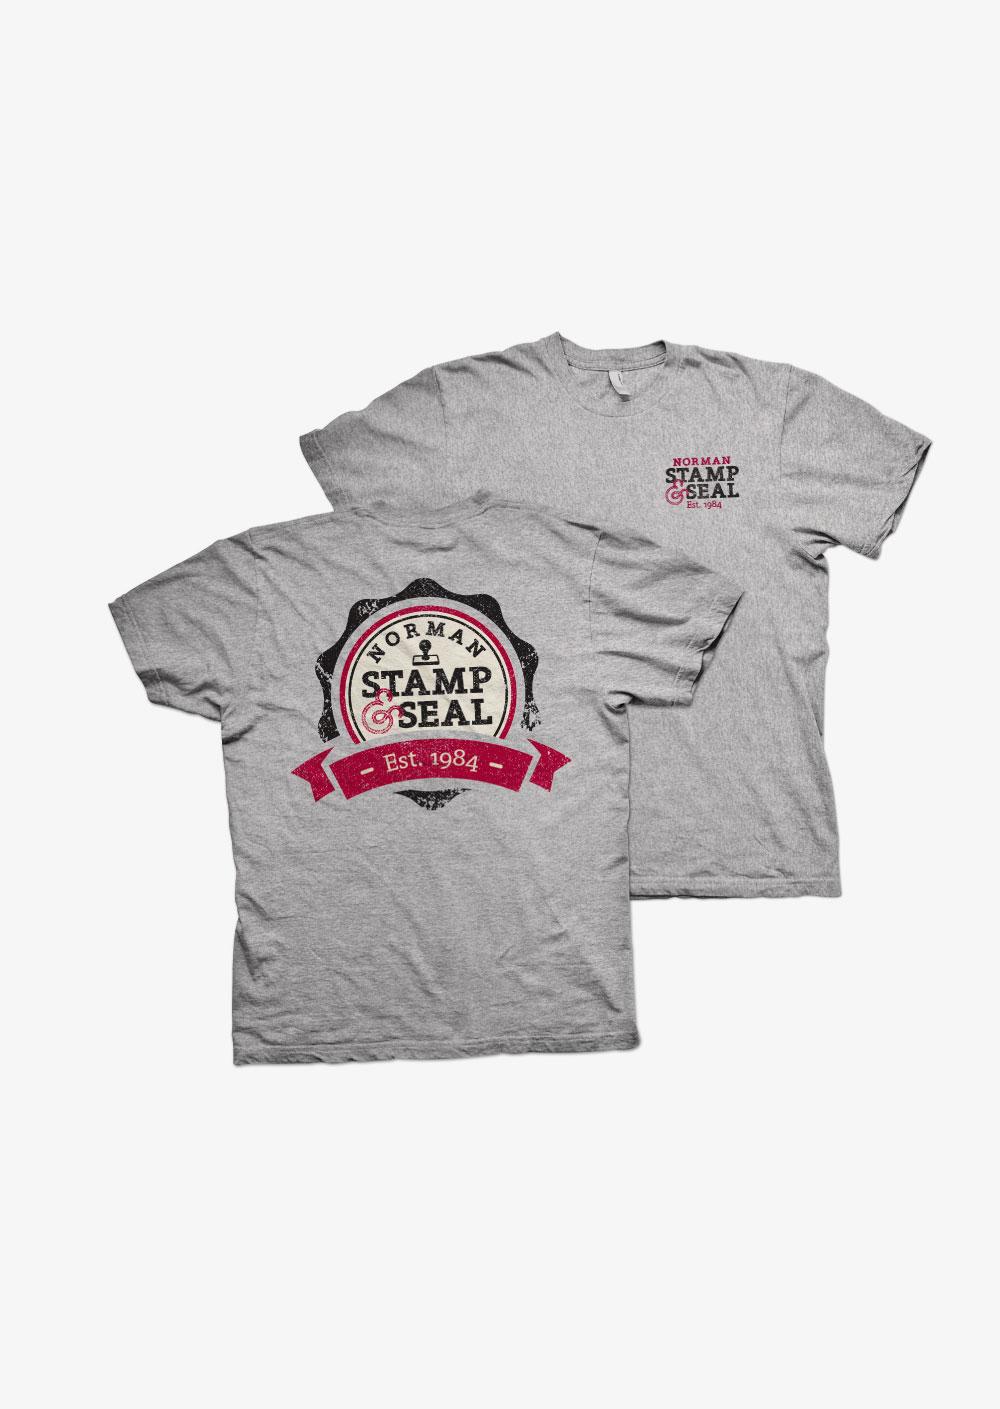 Norman Stamp & Seal T-shirt Logo